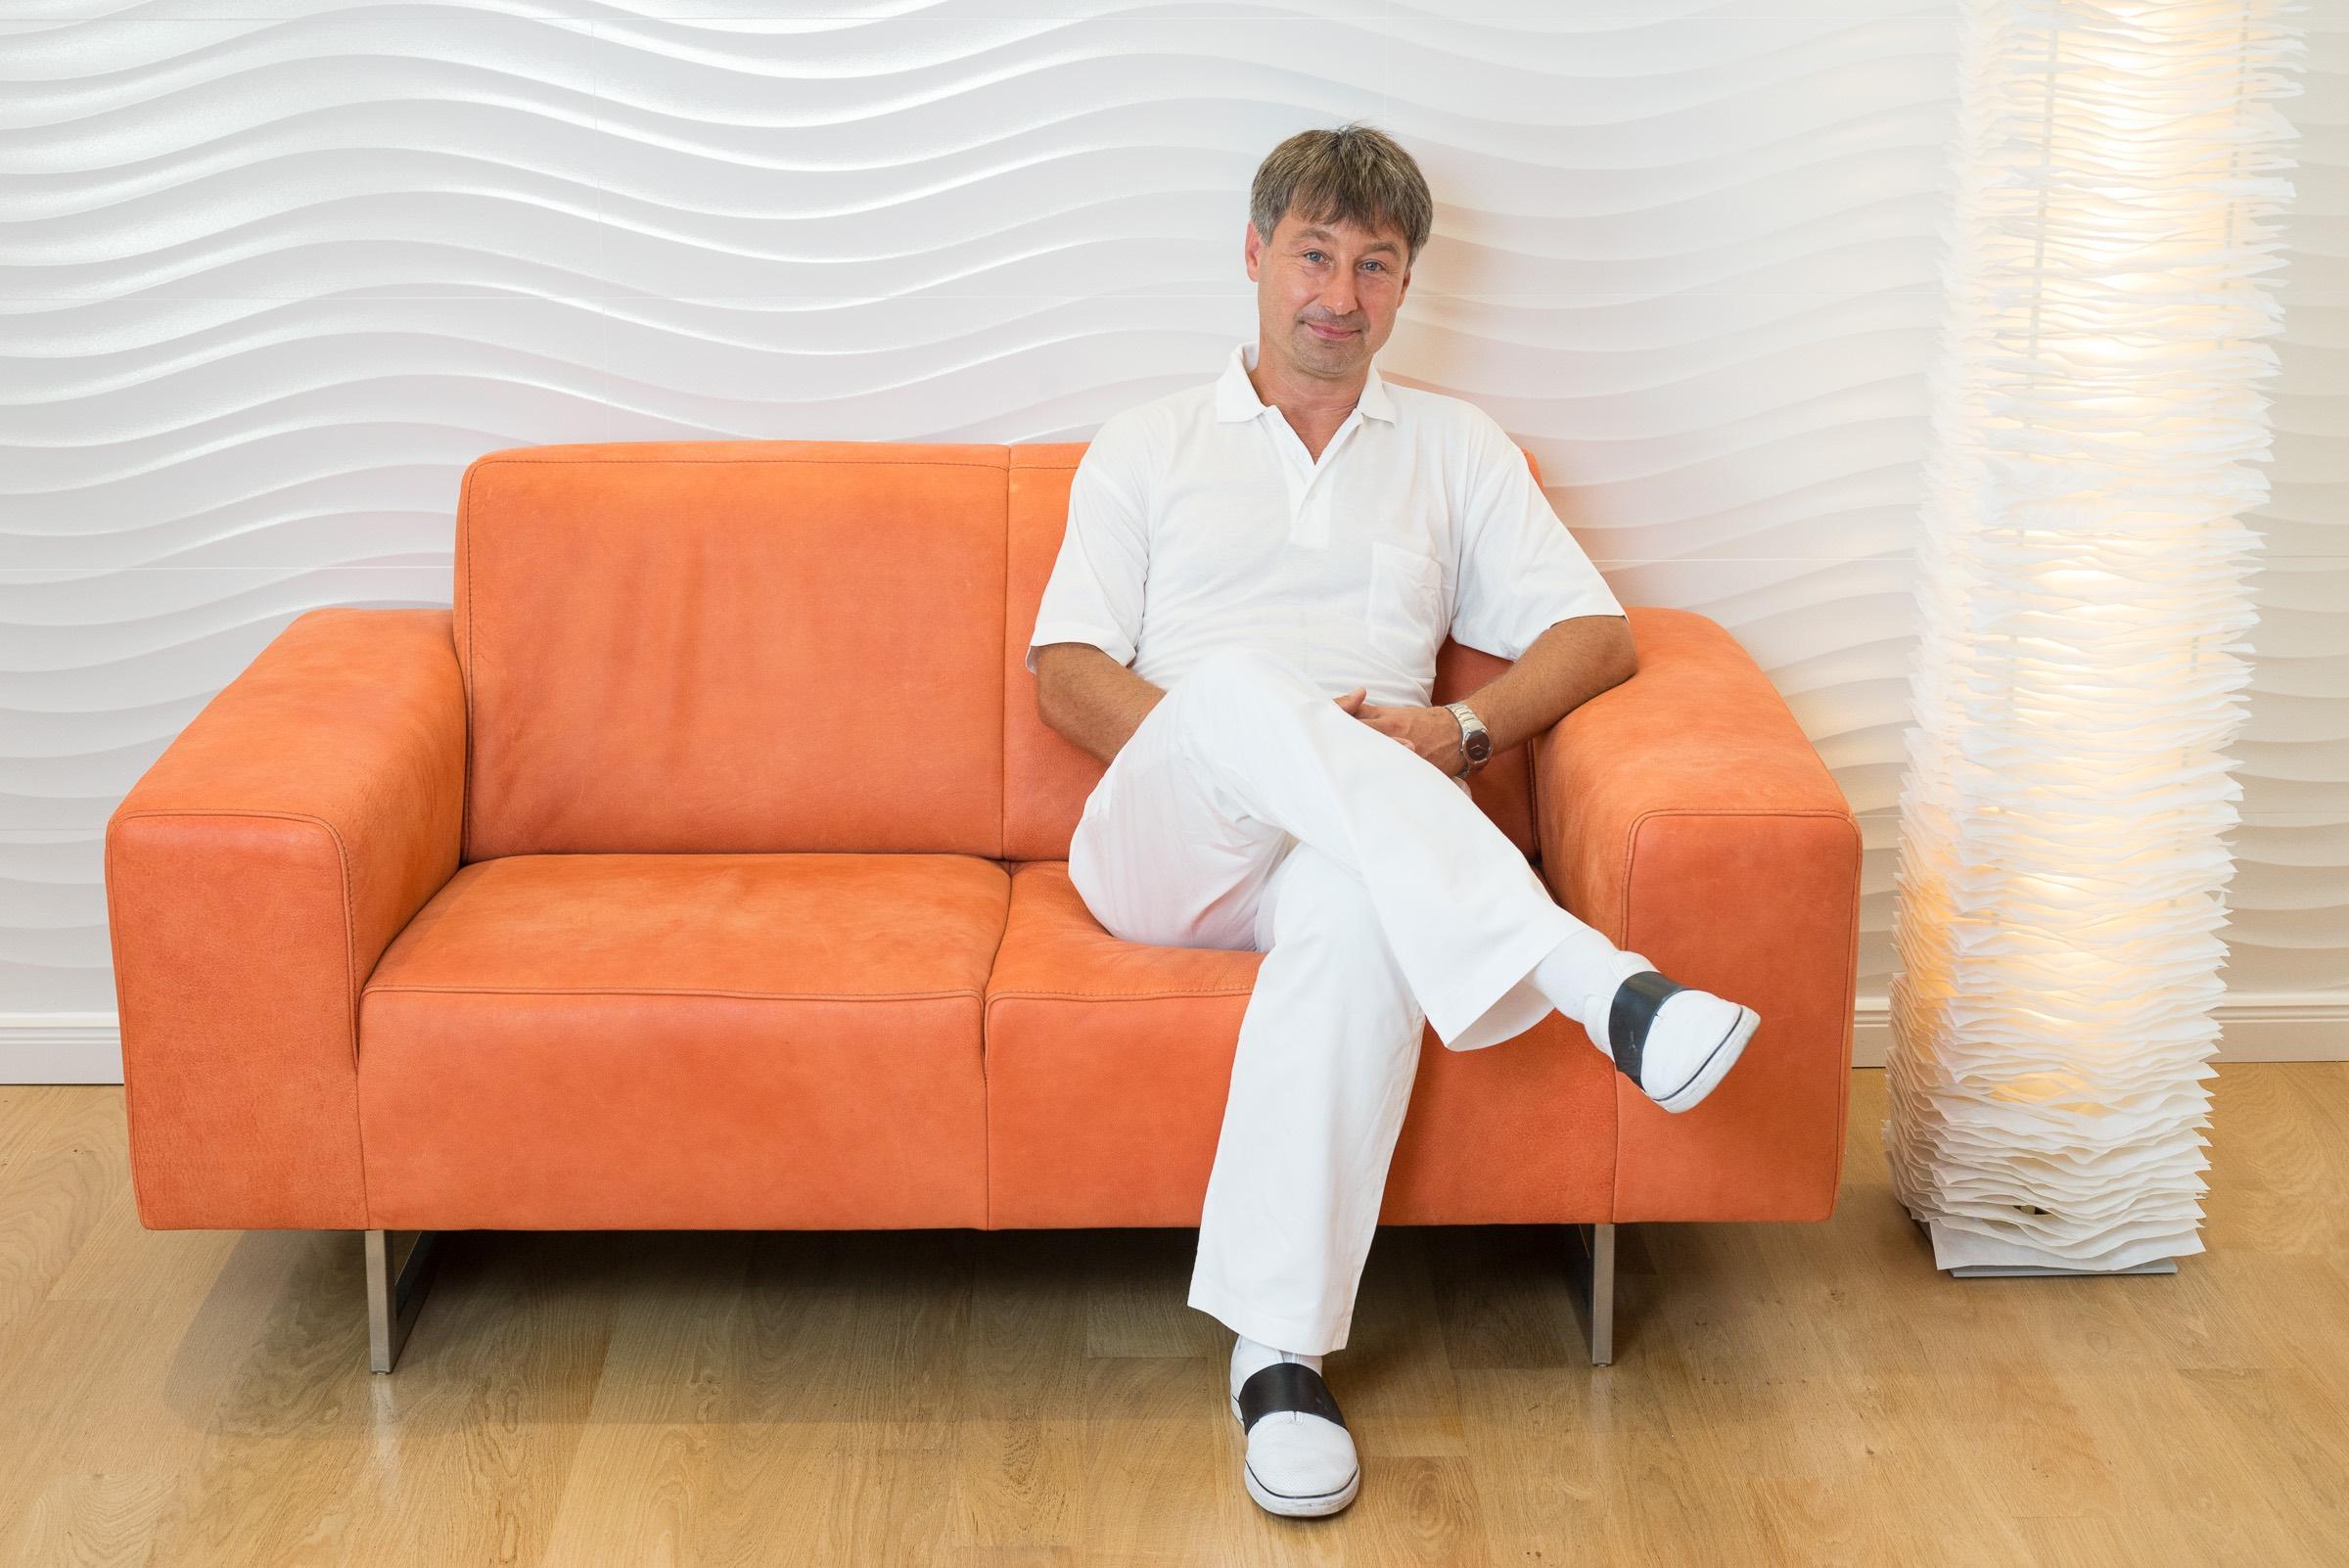 Foto Zahnarztpraxis Roger Barz Halle Auf Der Couch